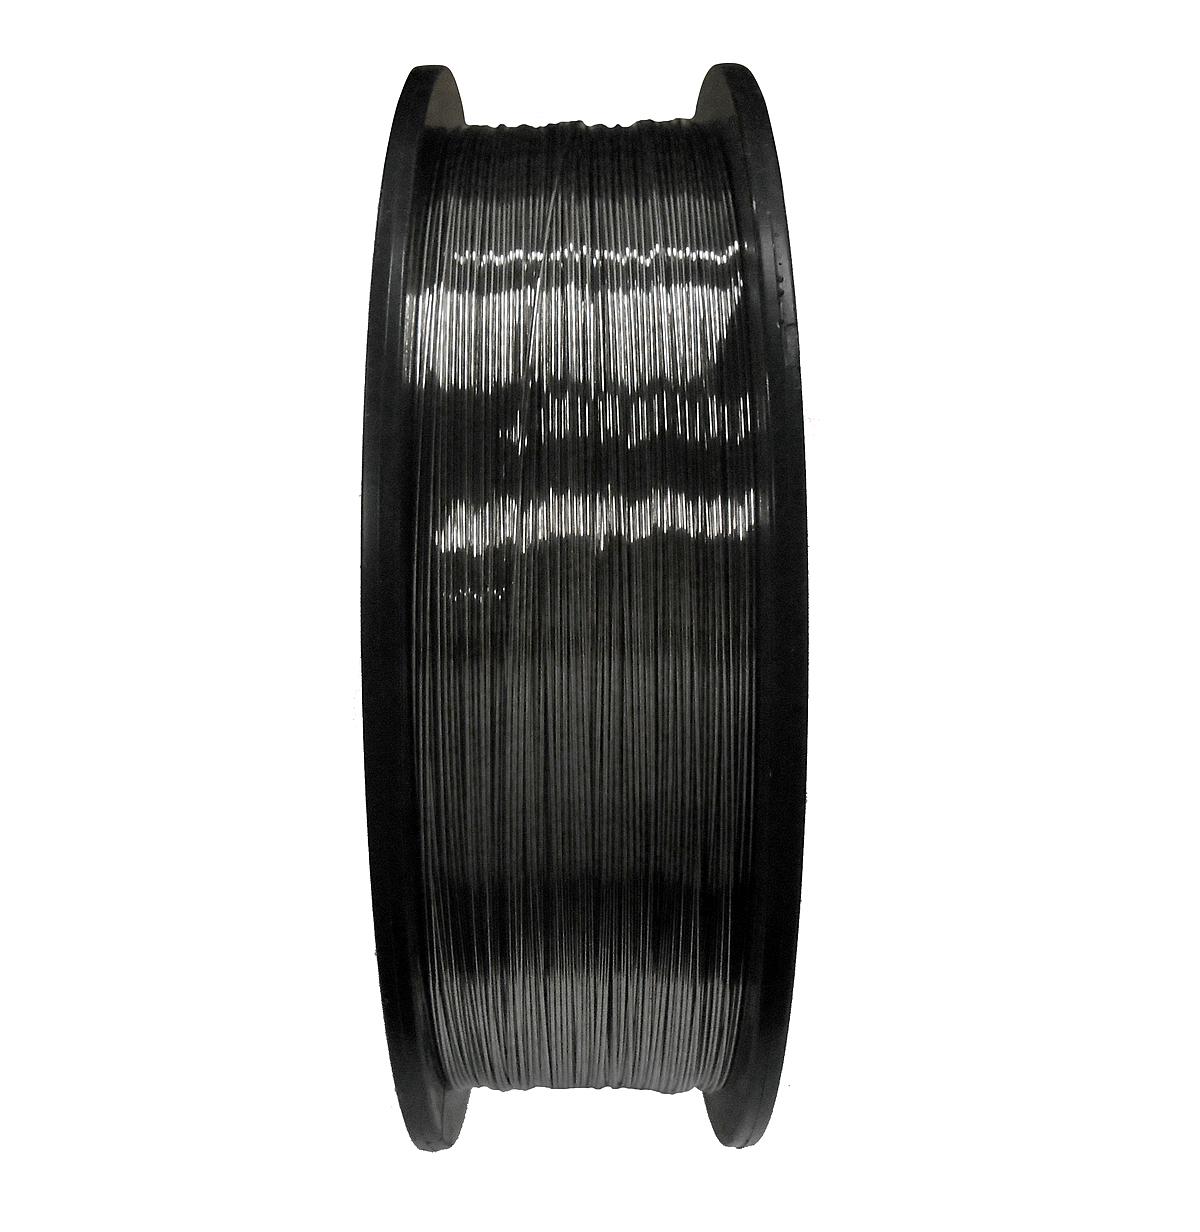 990 Solid High Strength Mig Wire - Weldingrods.com